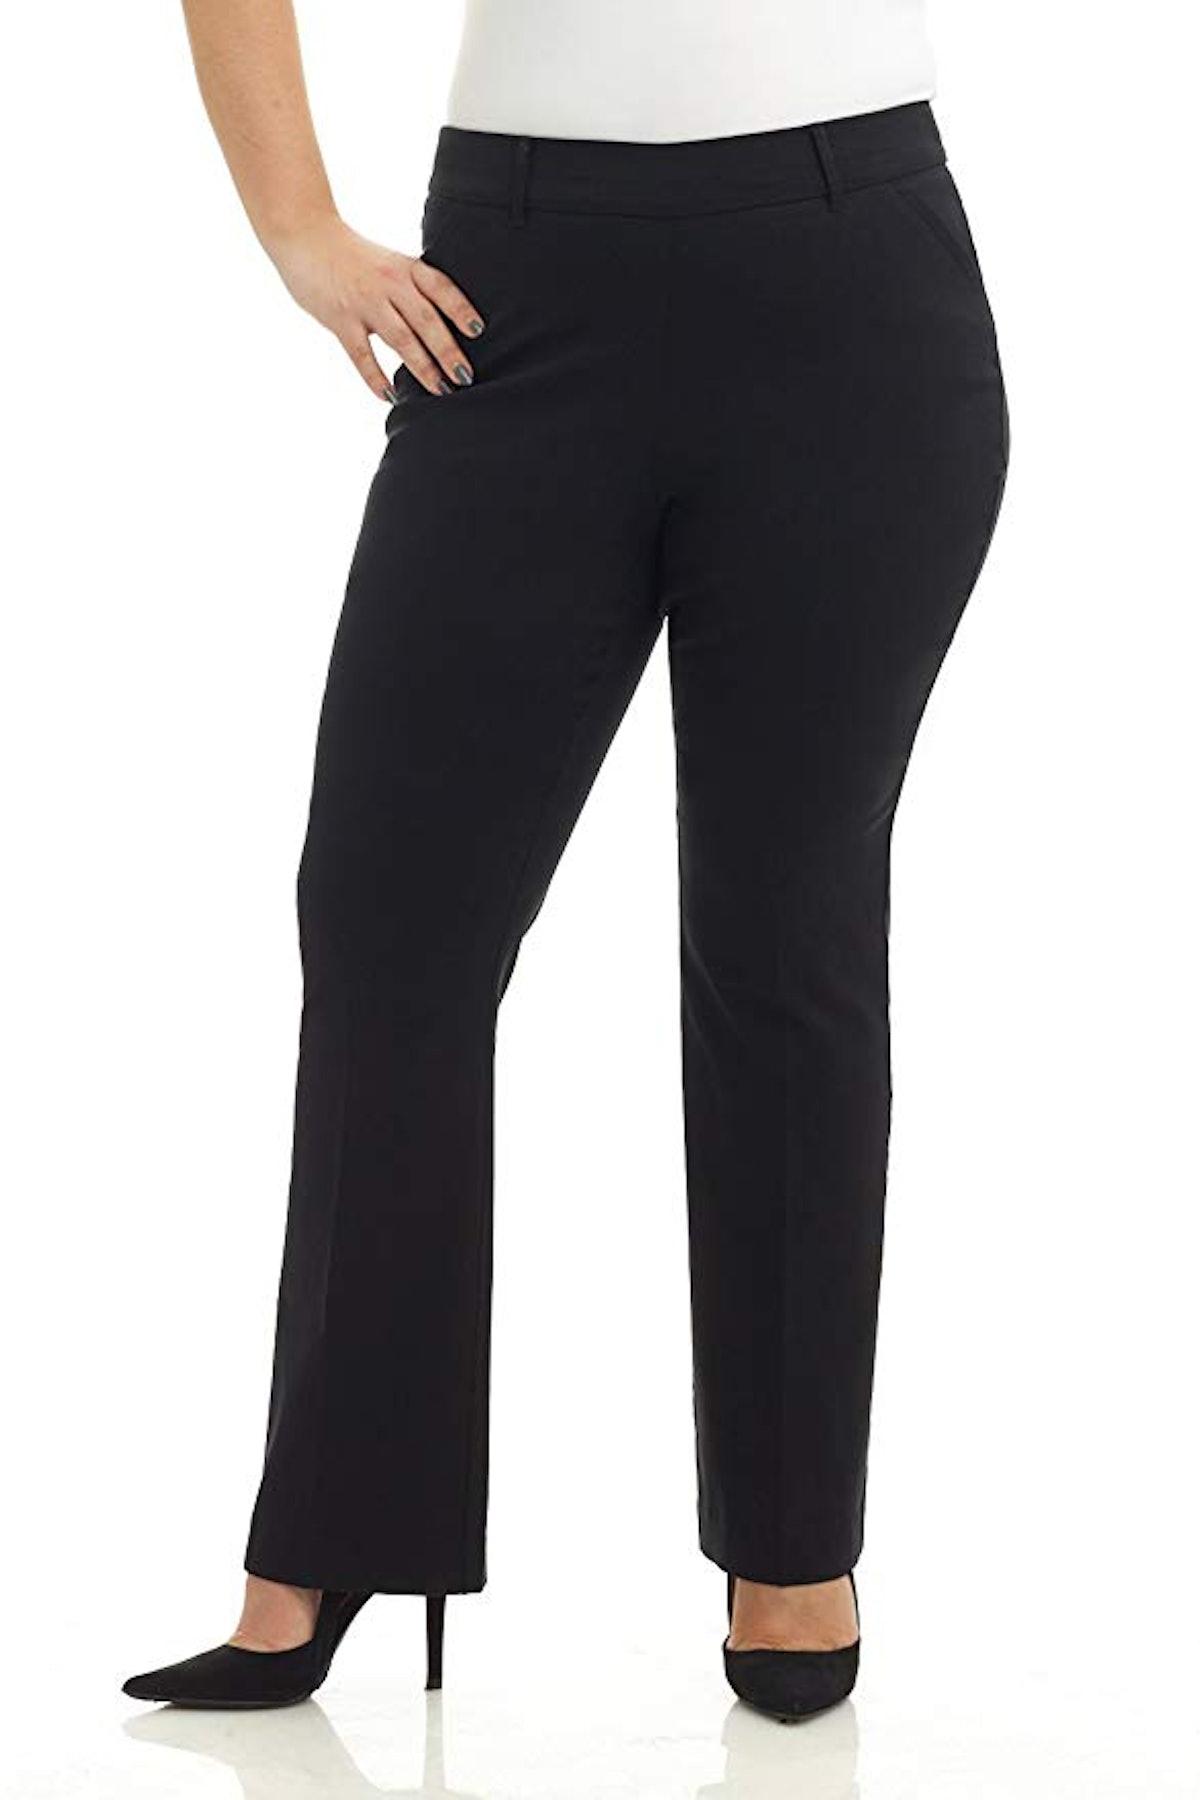 Rekucci Curvy Woman Plus Size Pant